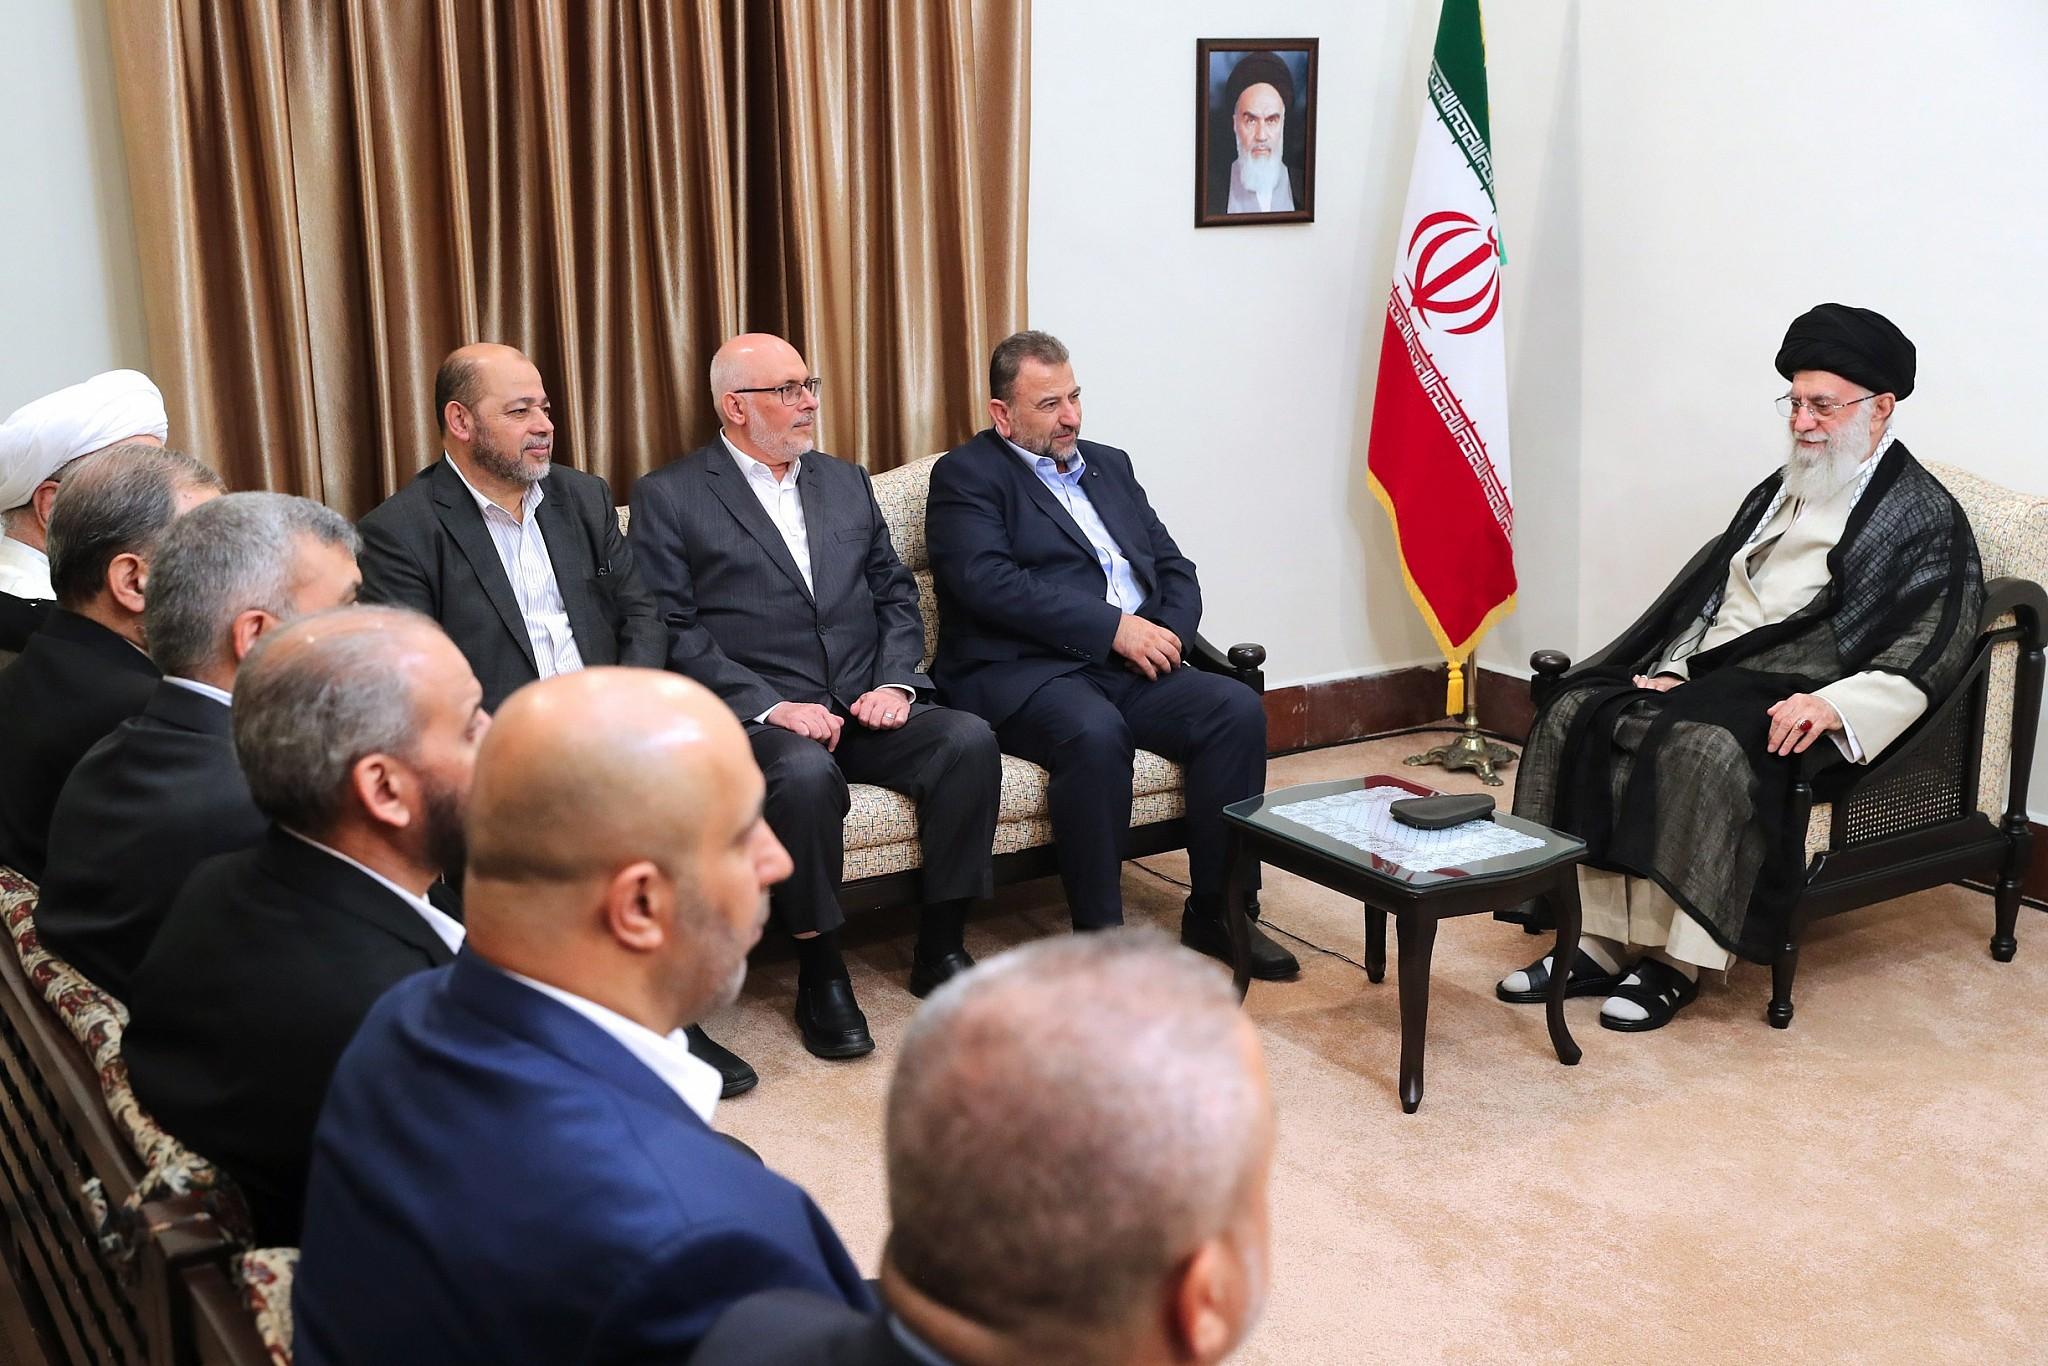 L'état-Major du groupe terroriste Hamas au garde à vous devant Khamenei à Téhéran